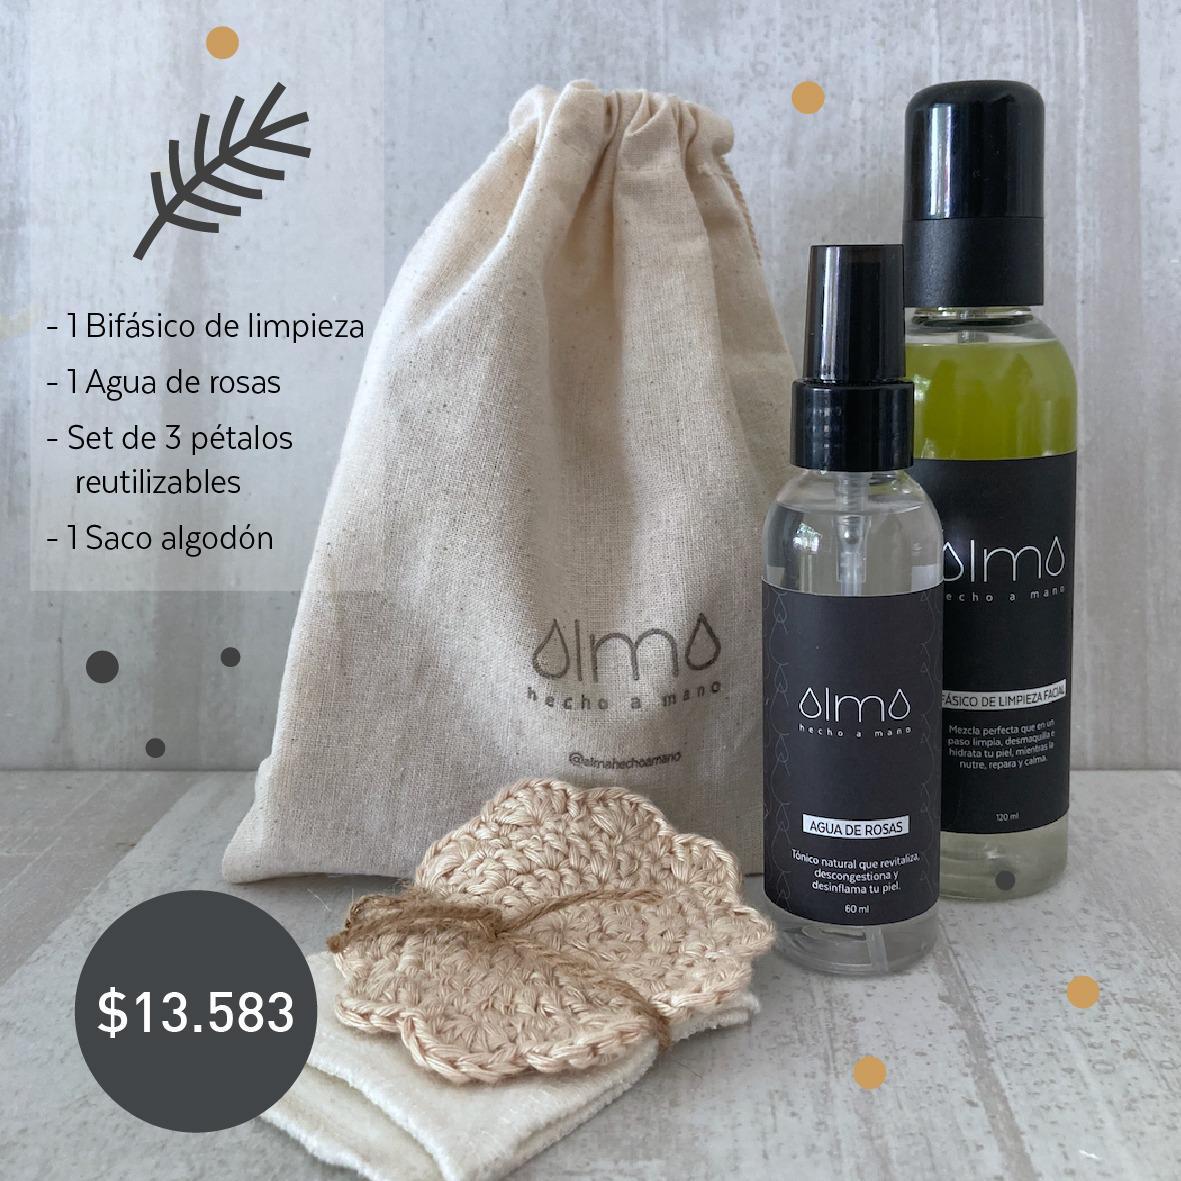 Ideas de regalo: packs de cosmética vegetal Alma 2